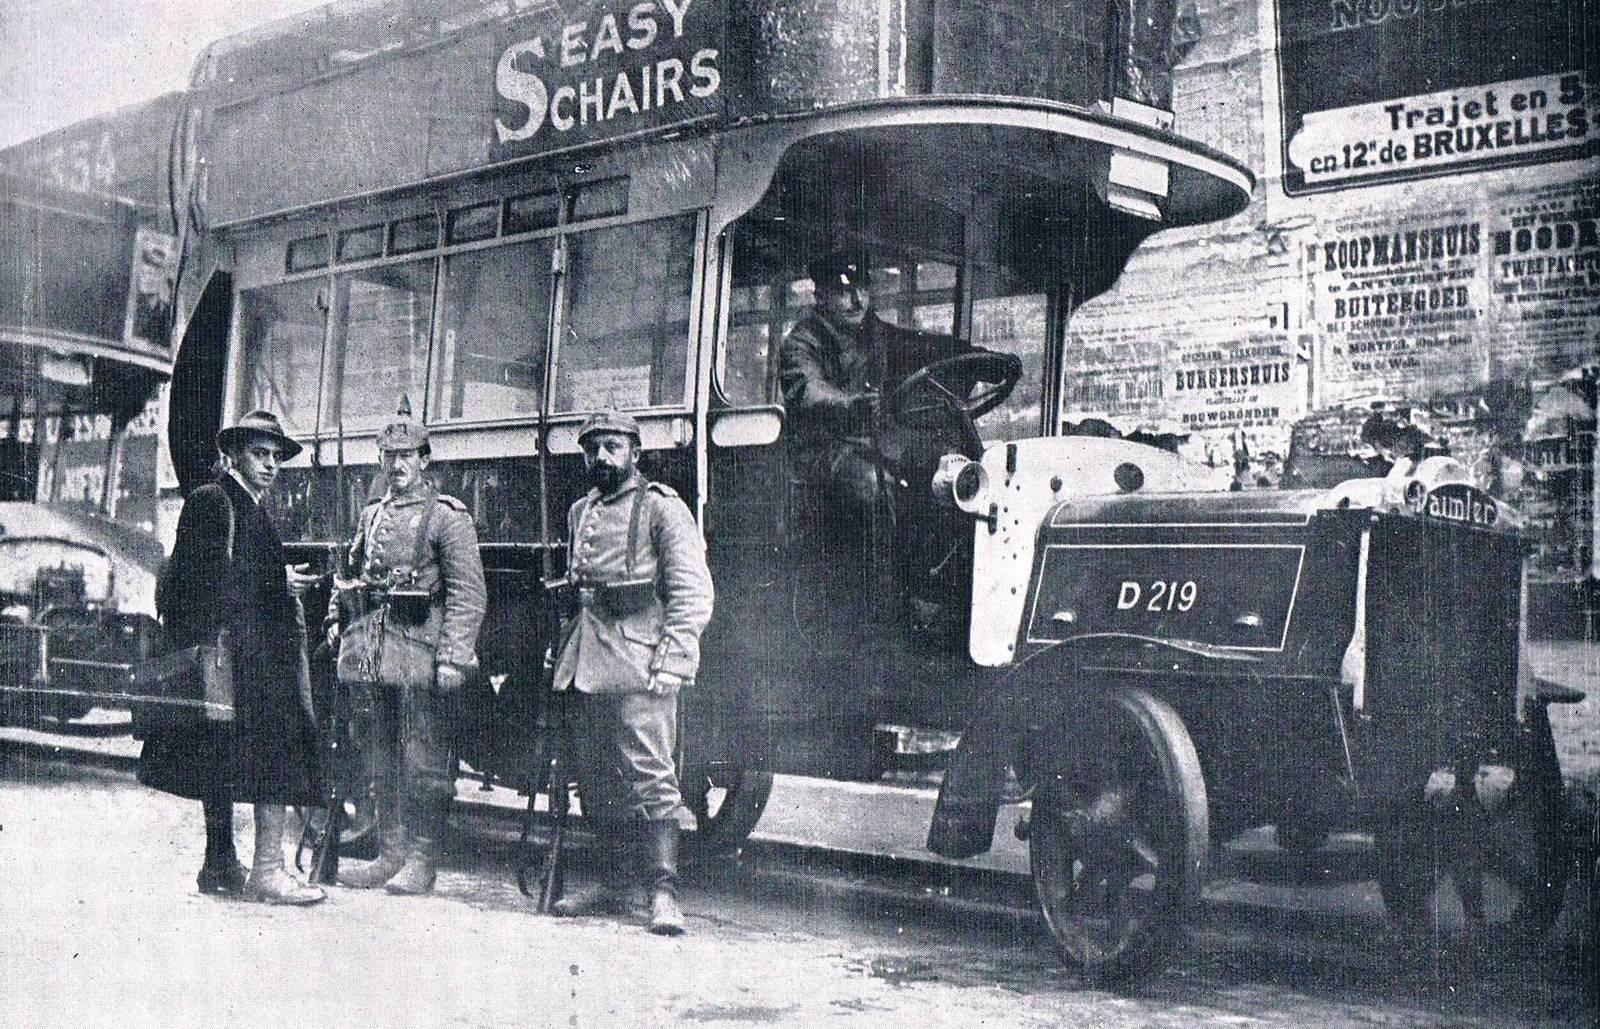 1914. Német katonák egy zsákmányolt londoni emeletes busszal Belgiumban. A buszt a brit csapatok szállítására hajózták be Brüsszelbe..jpg